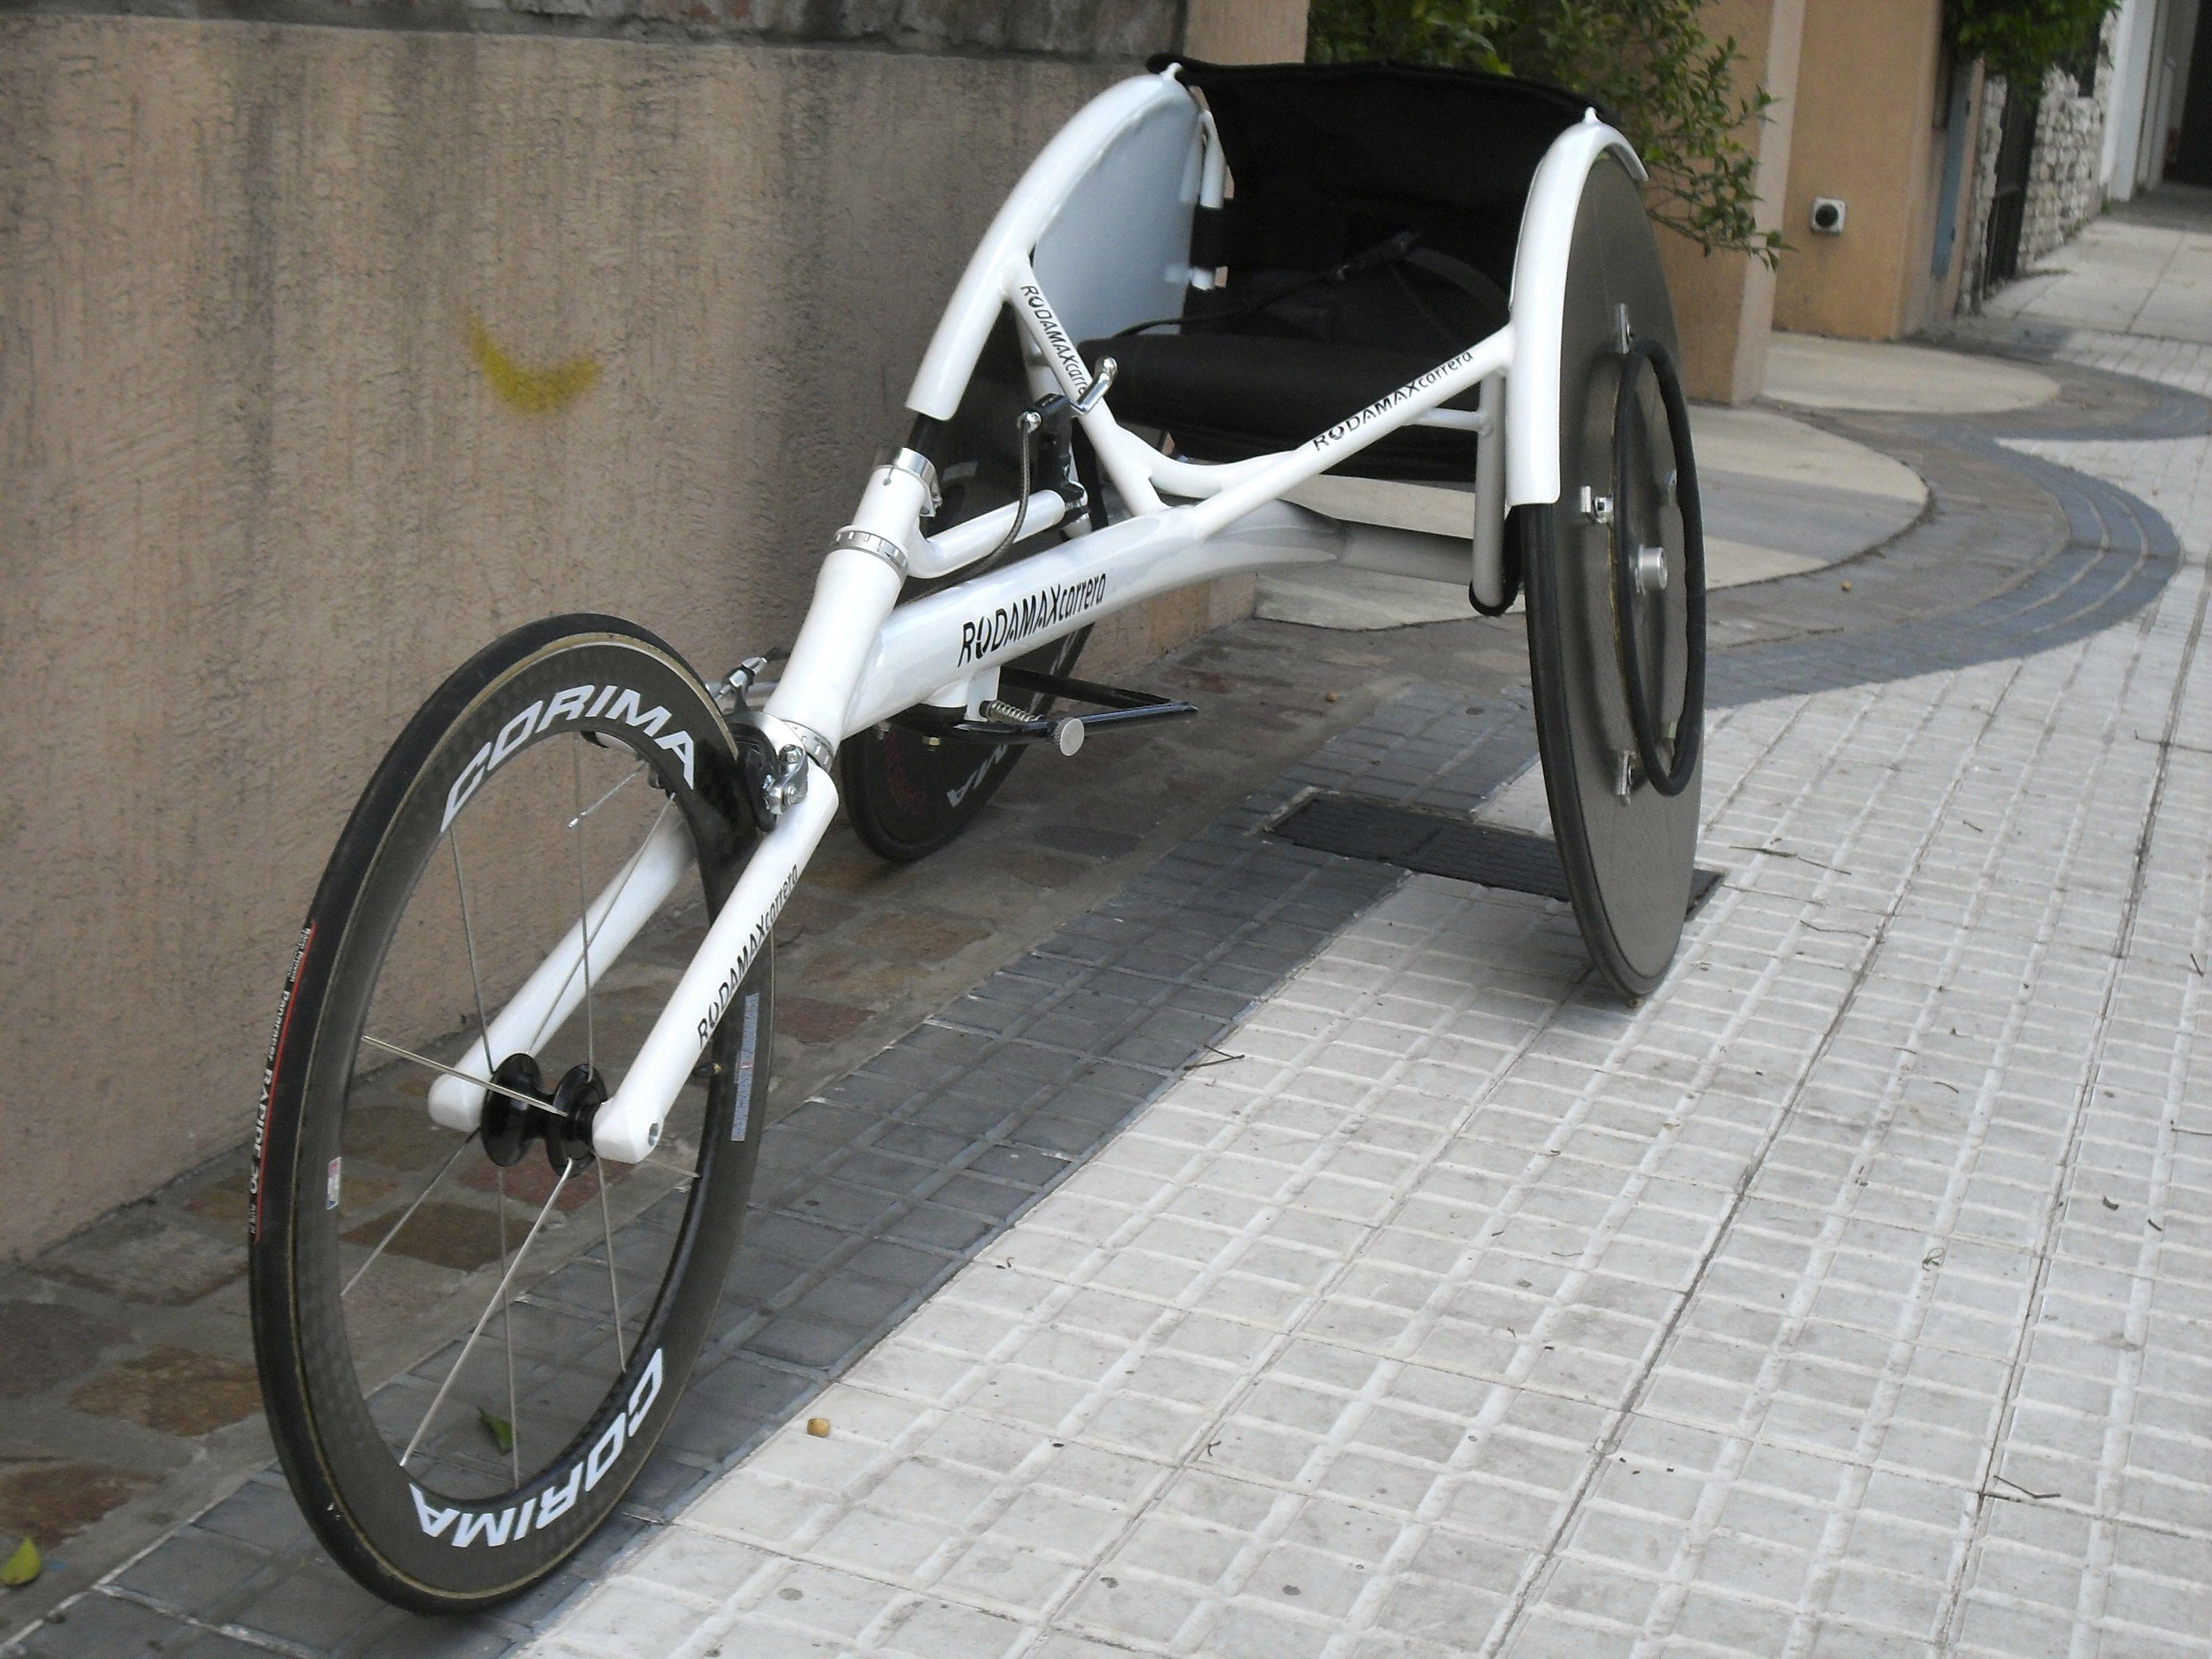 CarreraSilla AtletismoRacing Ruedas WheelchairMotor De Yfgb6y7